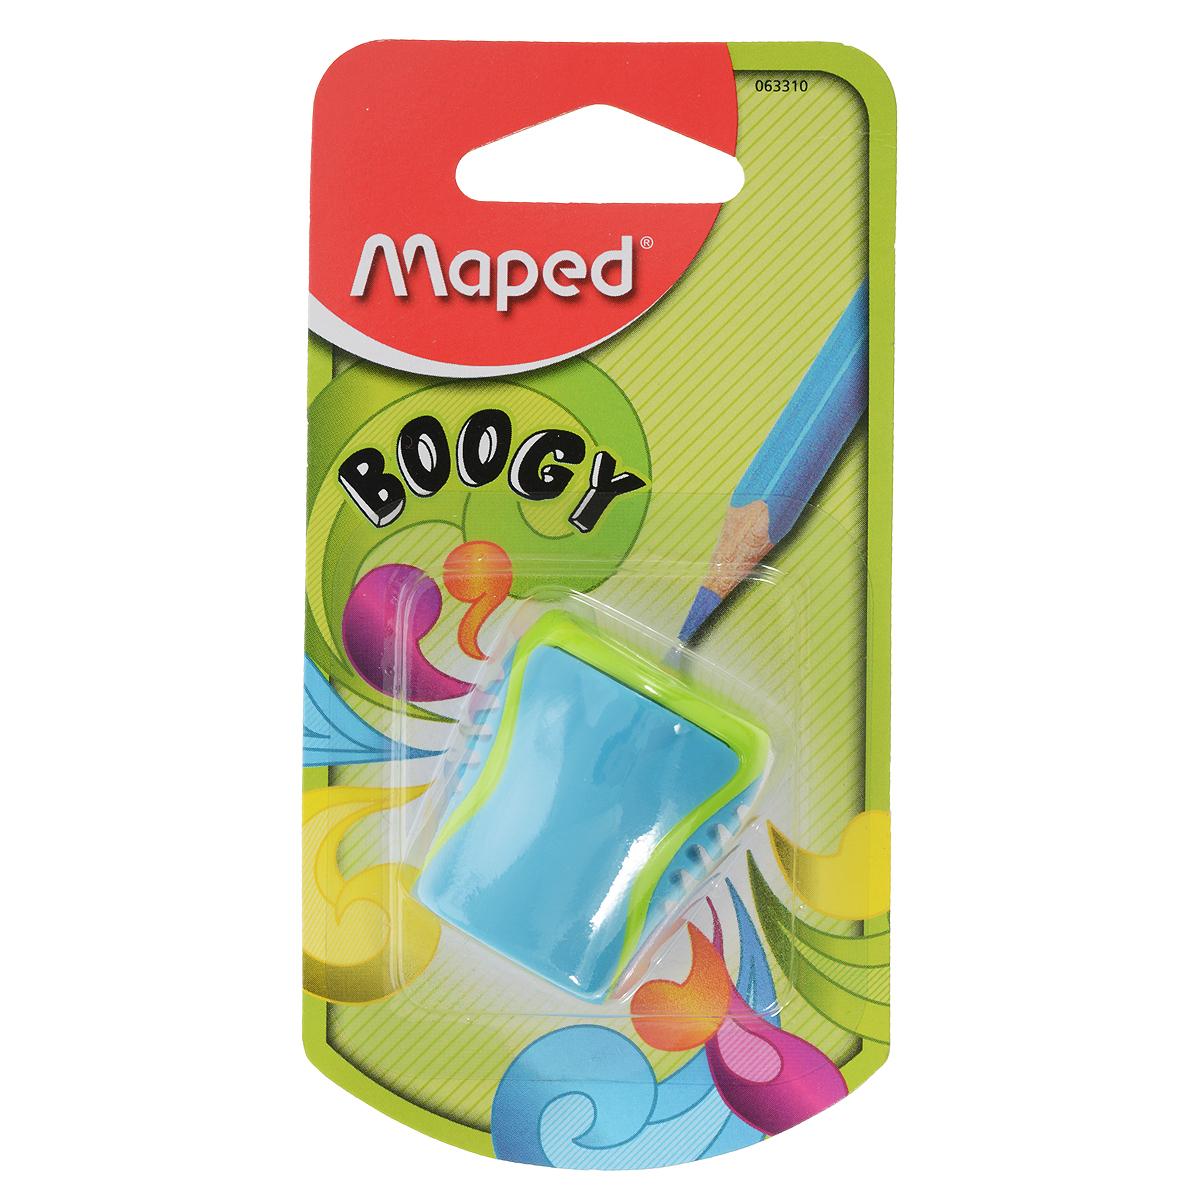 Точилка Maped Boogy, с контейнером, цвет: голубой точилка maped astro с ластиком цвет зеленый